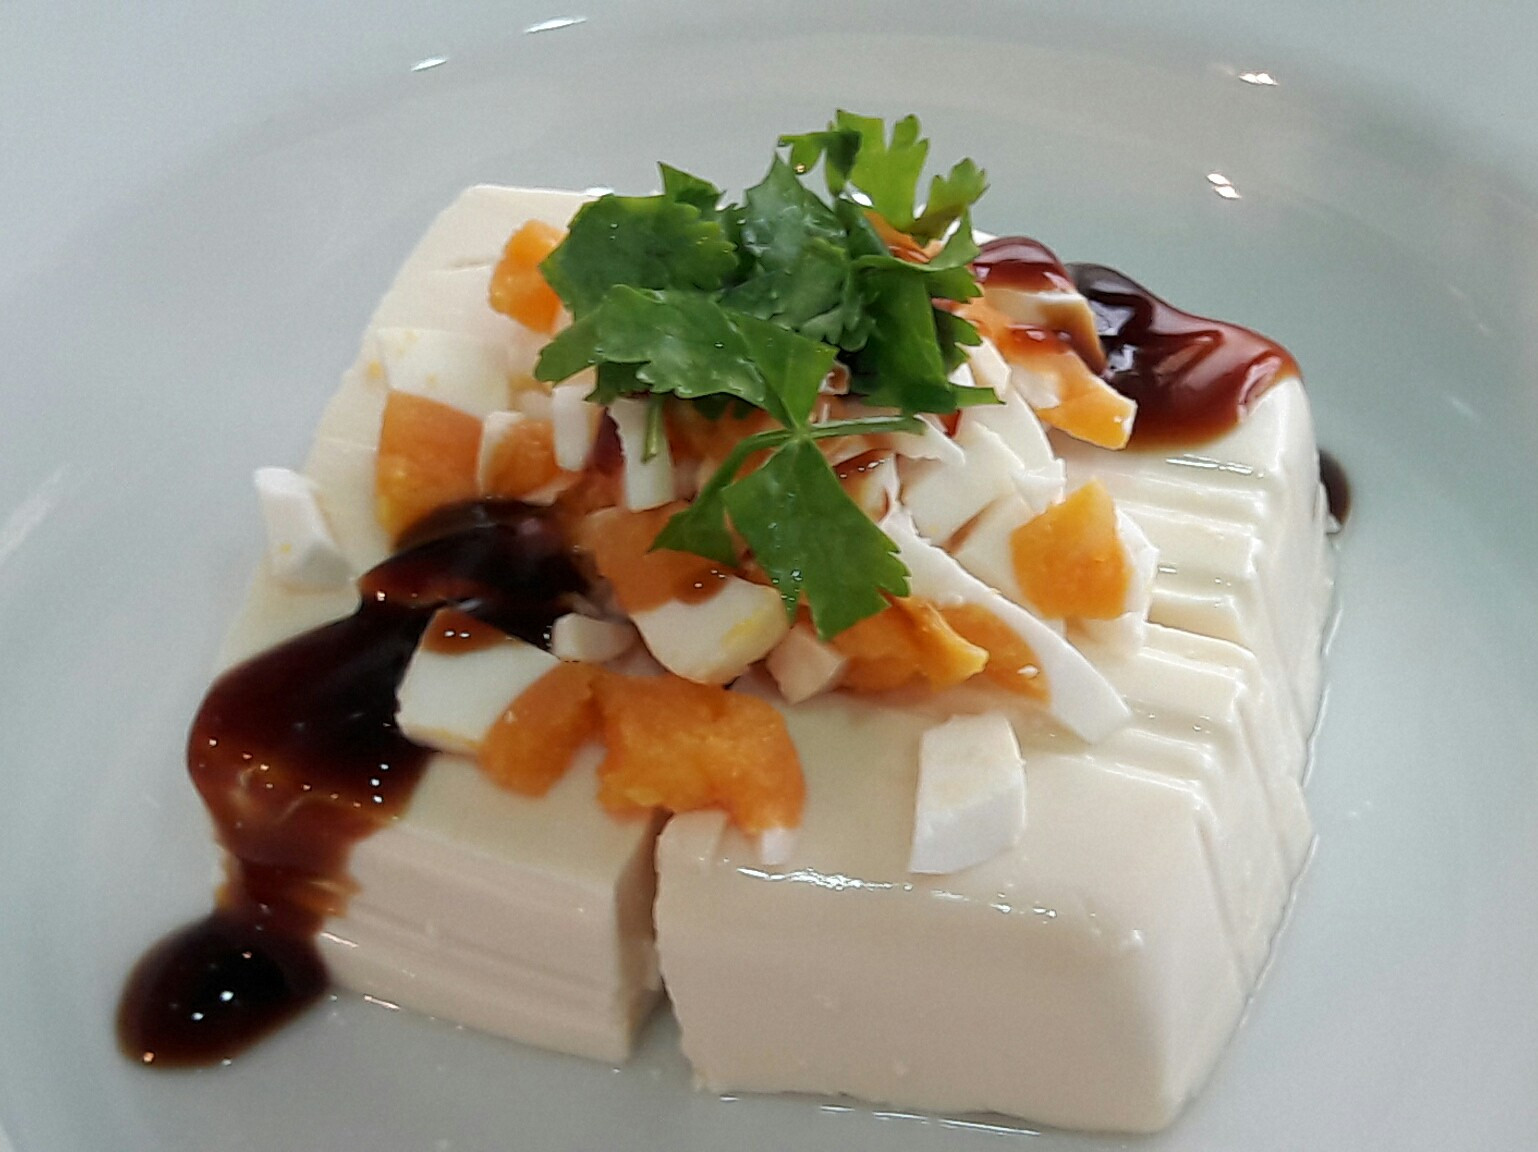 鹹蛋豆腐 清粥小菜 早餐配菜 五分鐘小菜